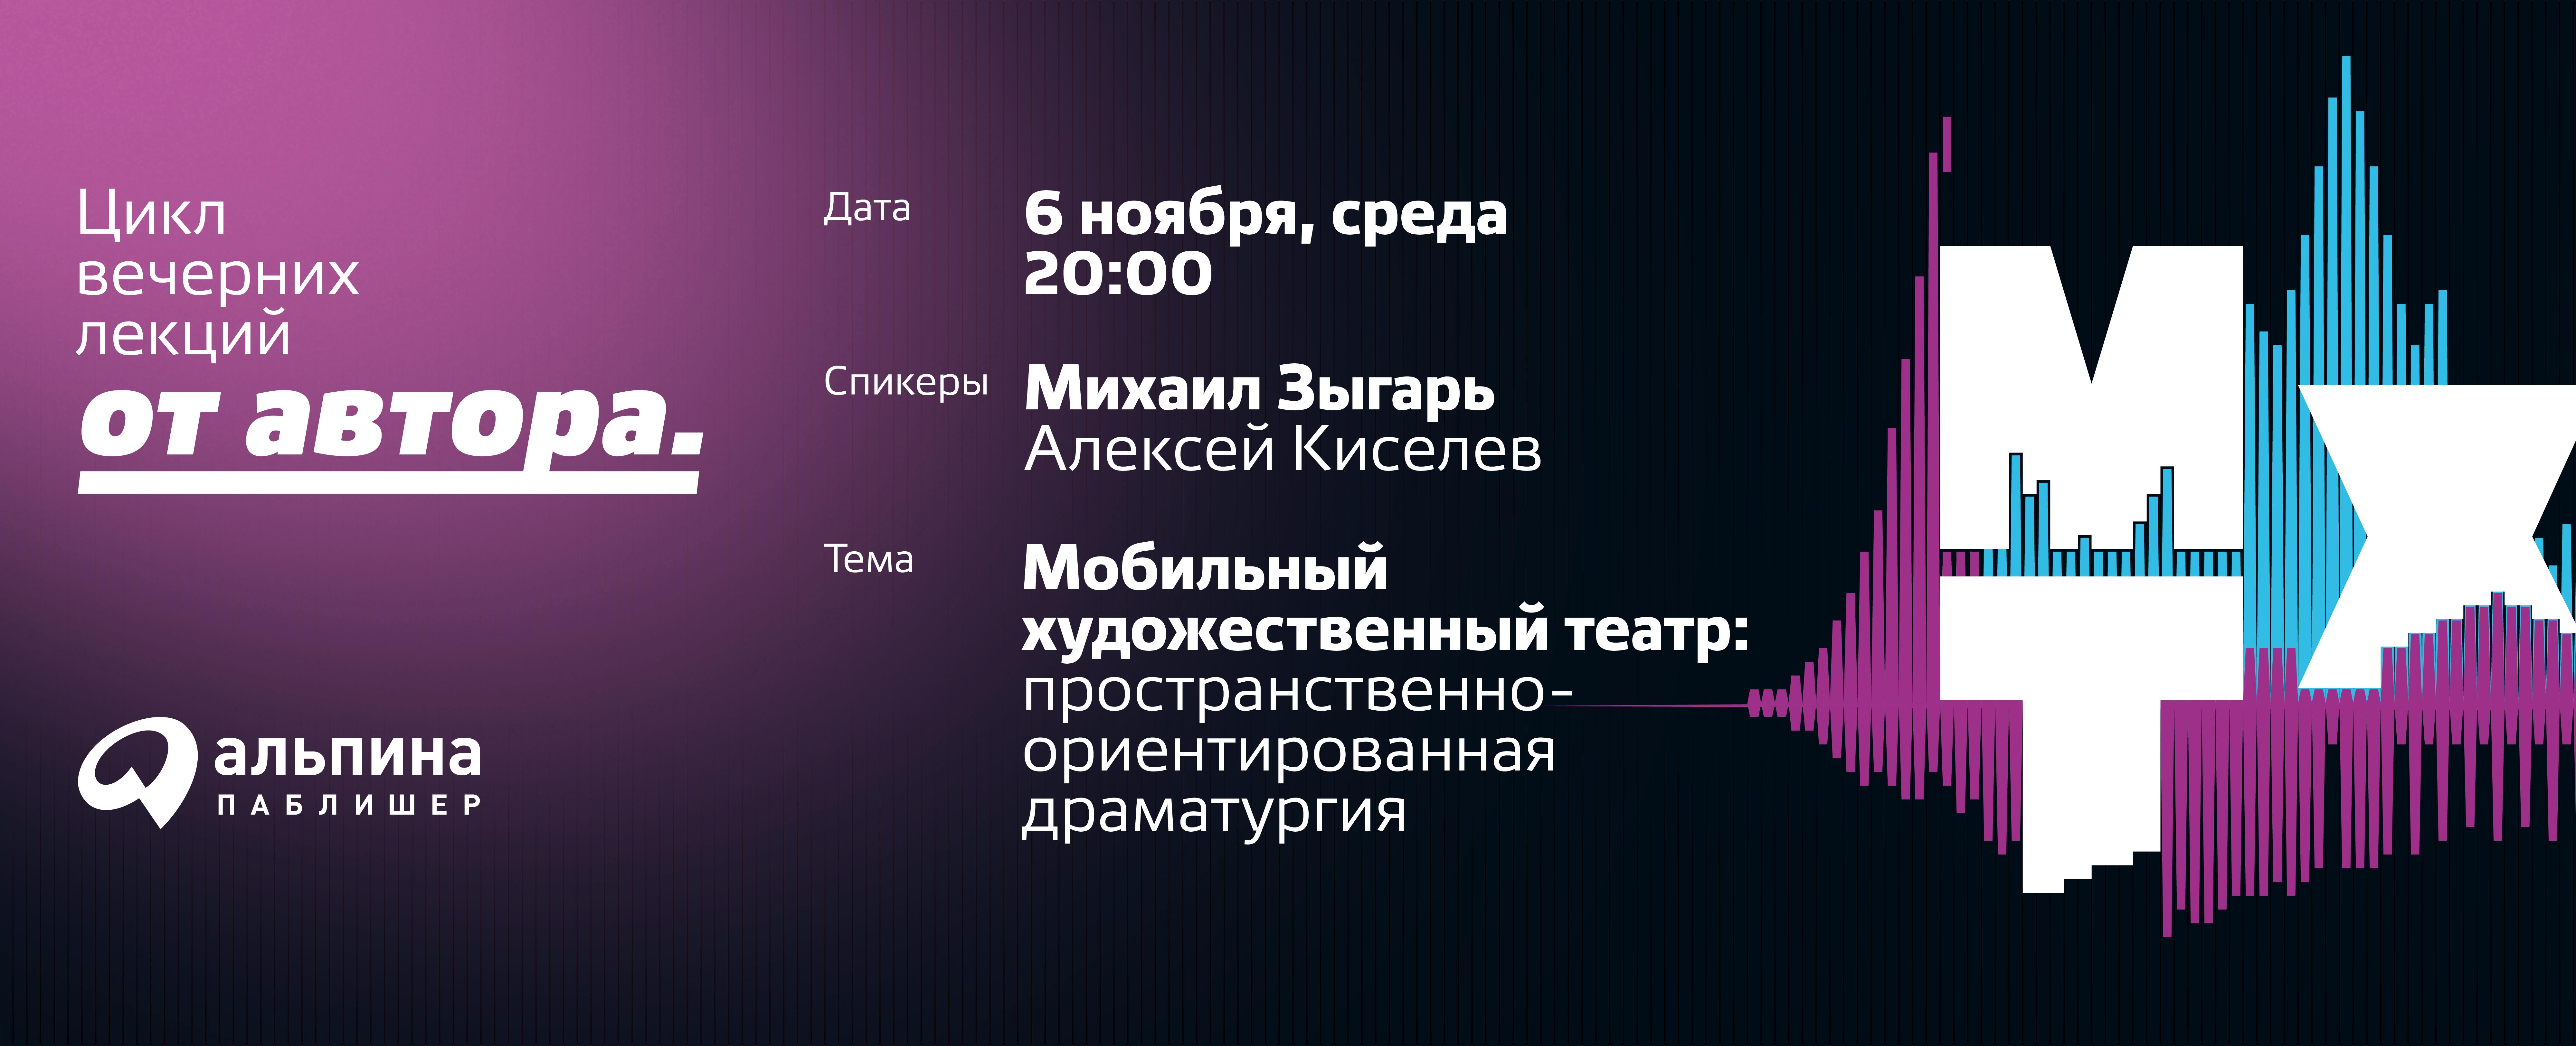 Мобильный художественный театр Михаила Зыгаря: пространственно-ориентированная драматургия